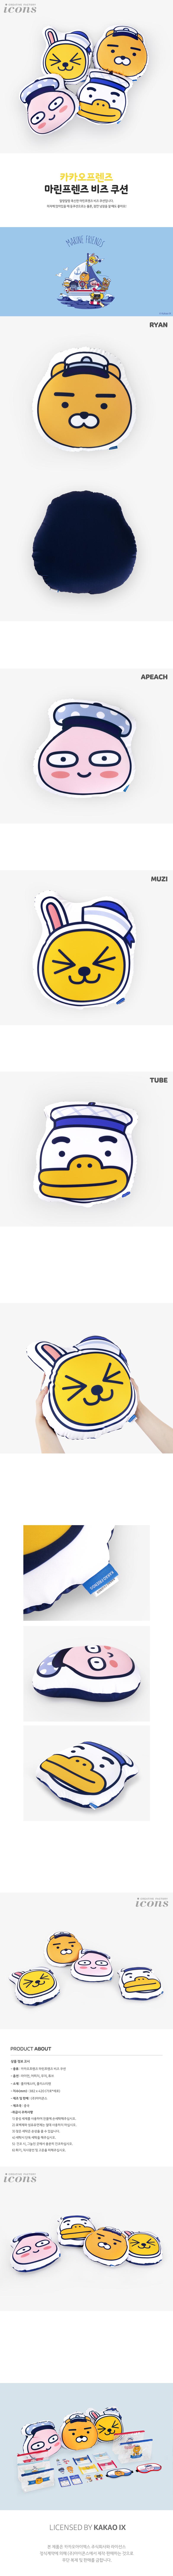 카카오프렌즈 마린프렌즈 비즈쿠션 - 카카오프렌즈, 23,000원, 방석, 캐릭터